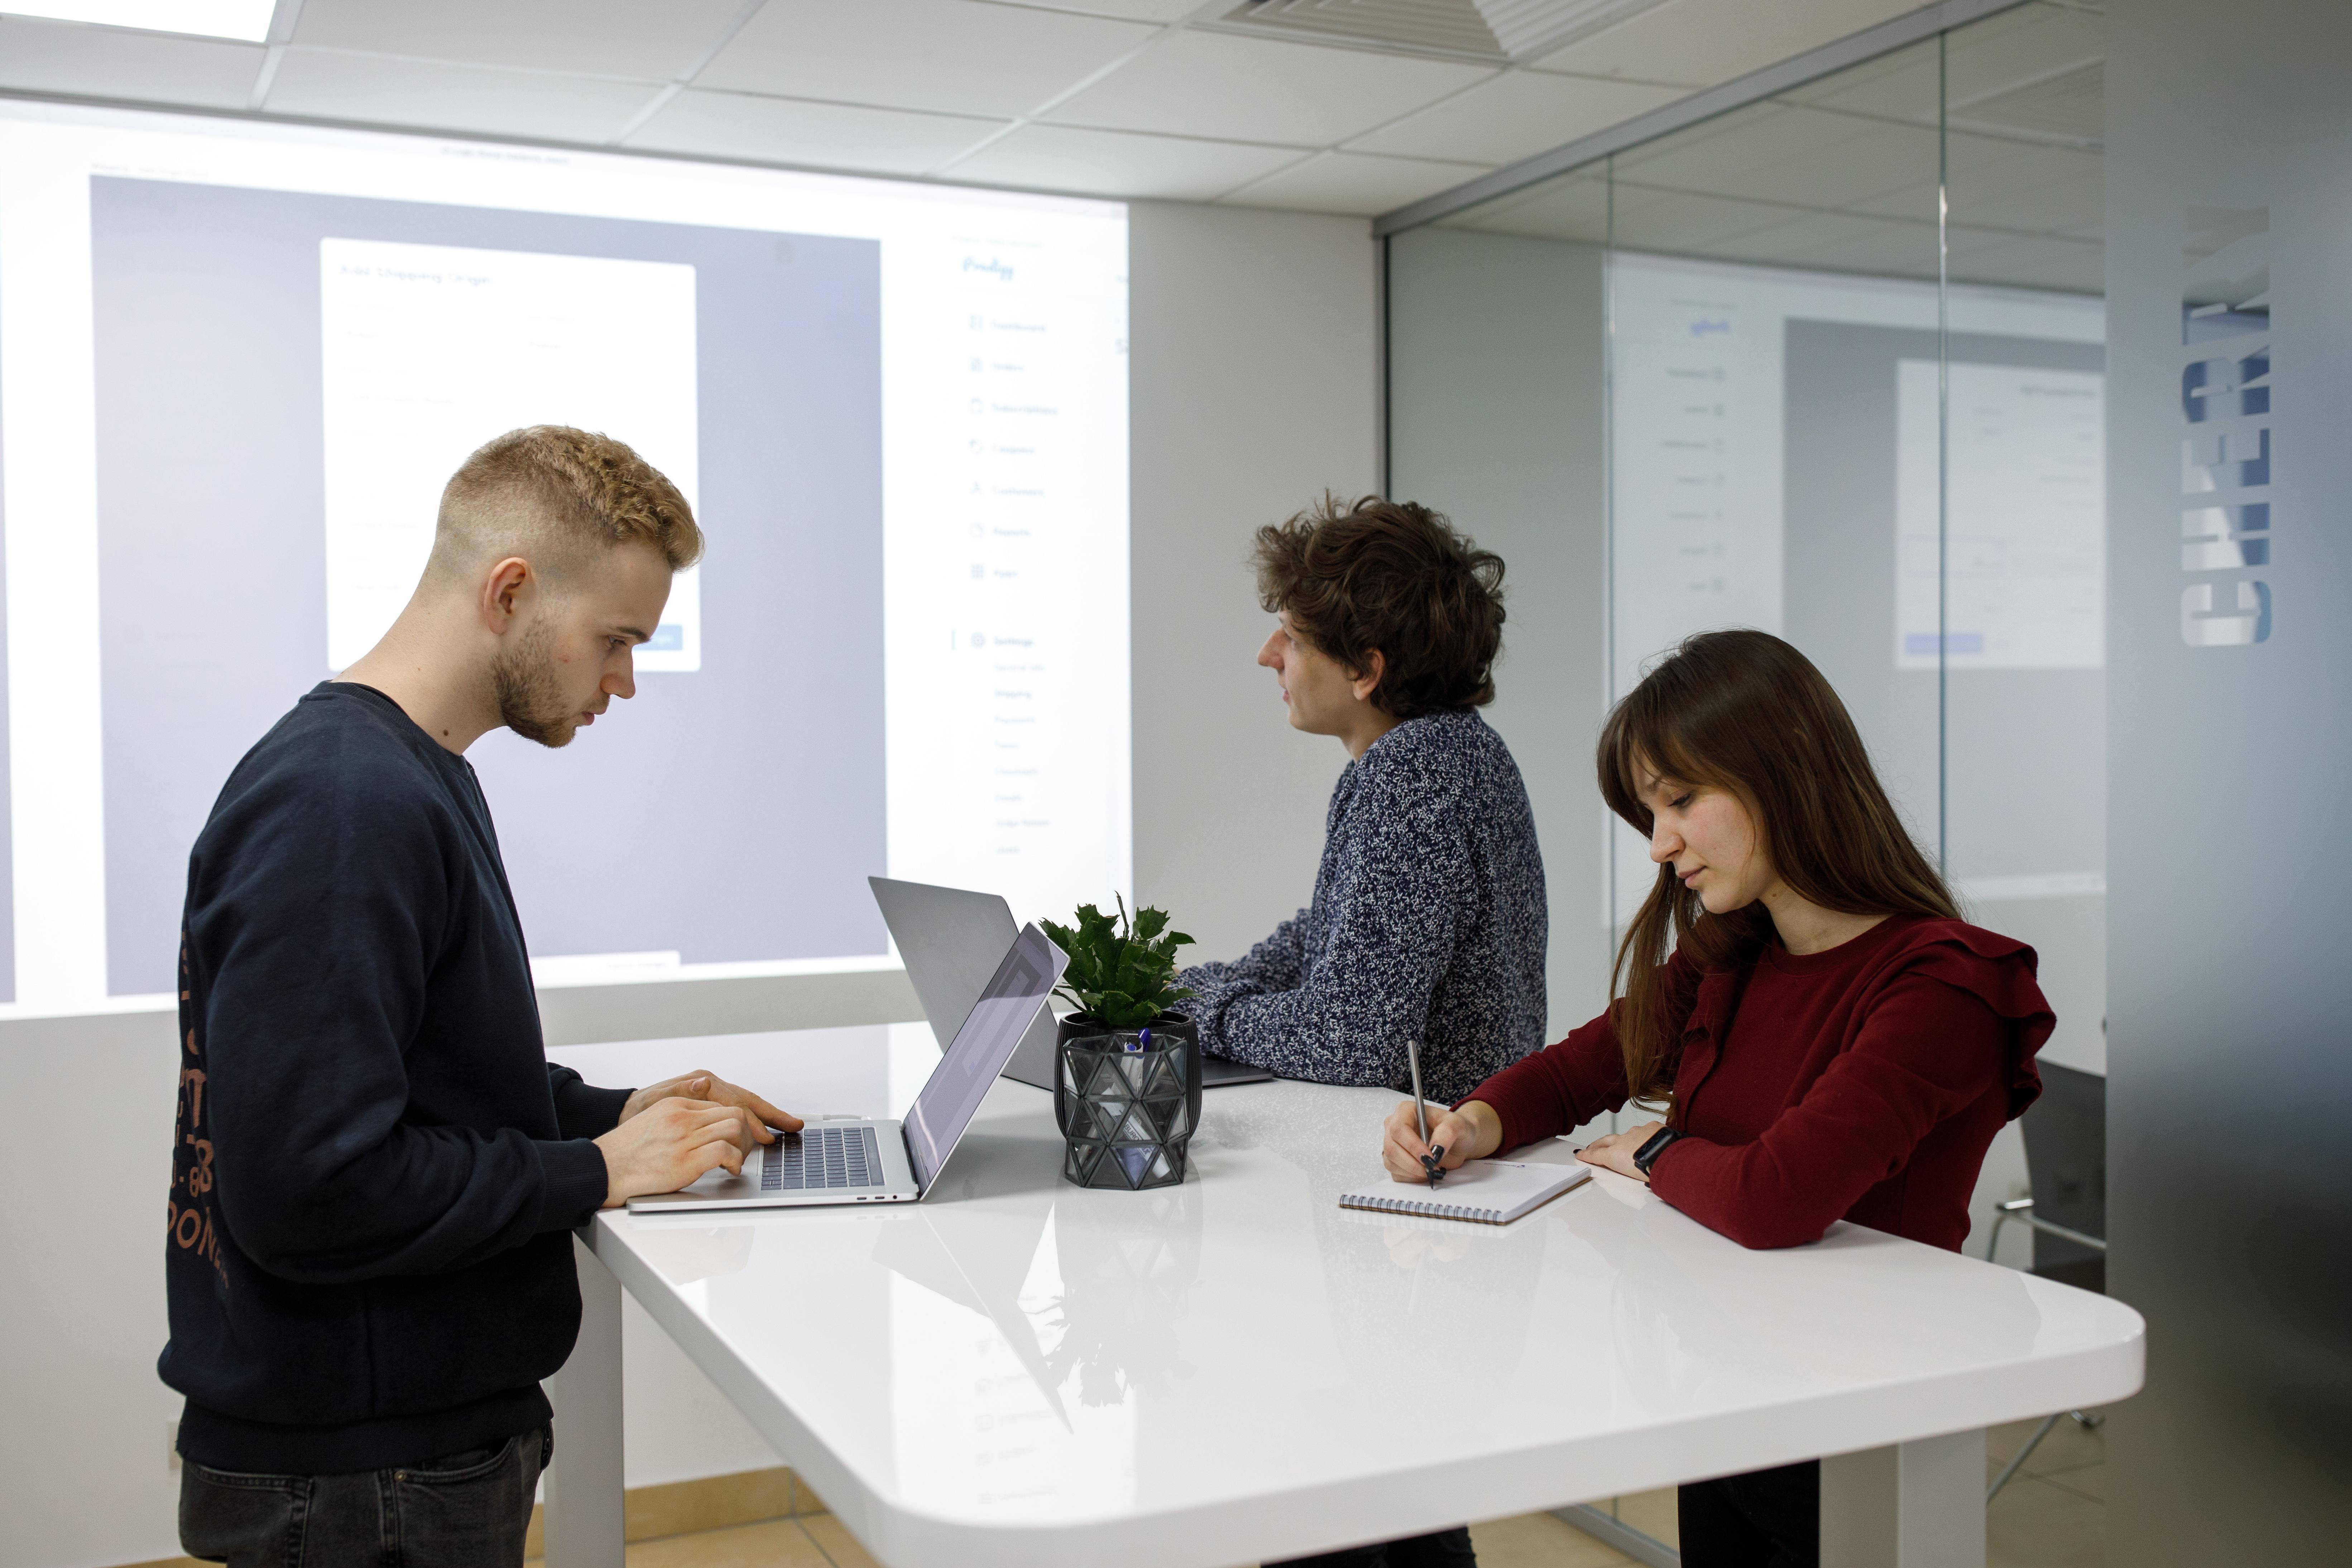 Website design planning session